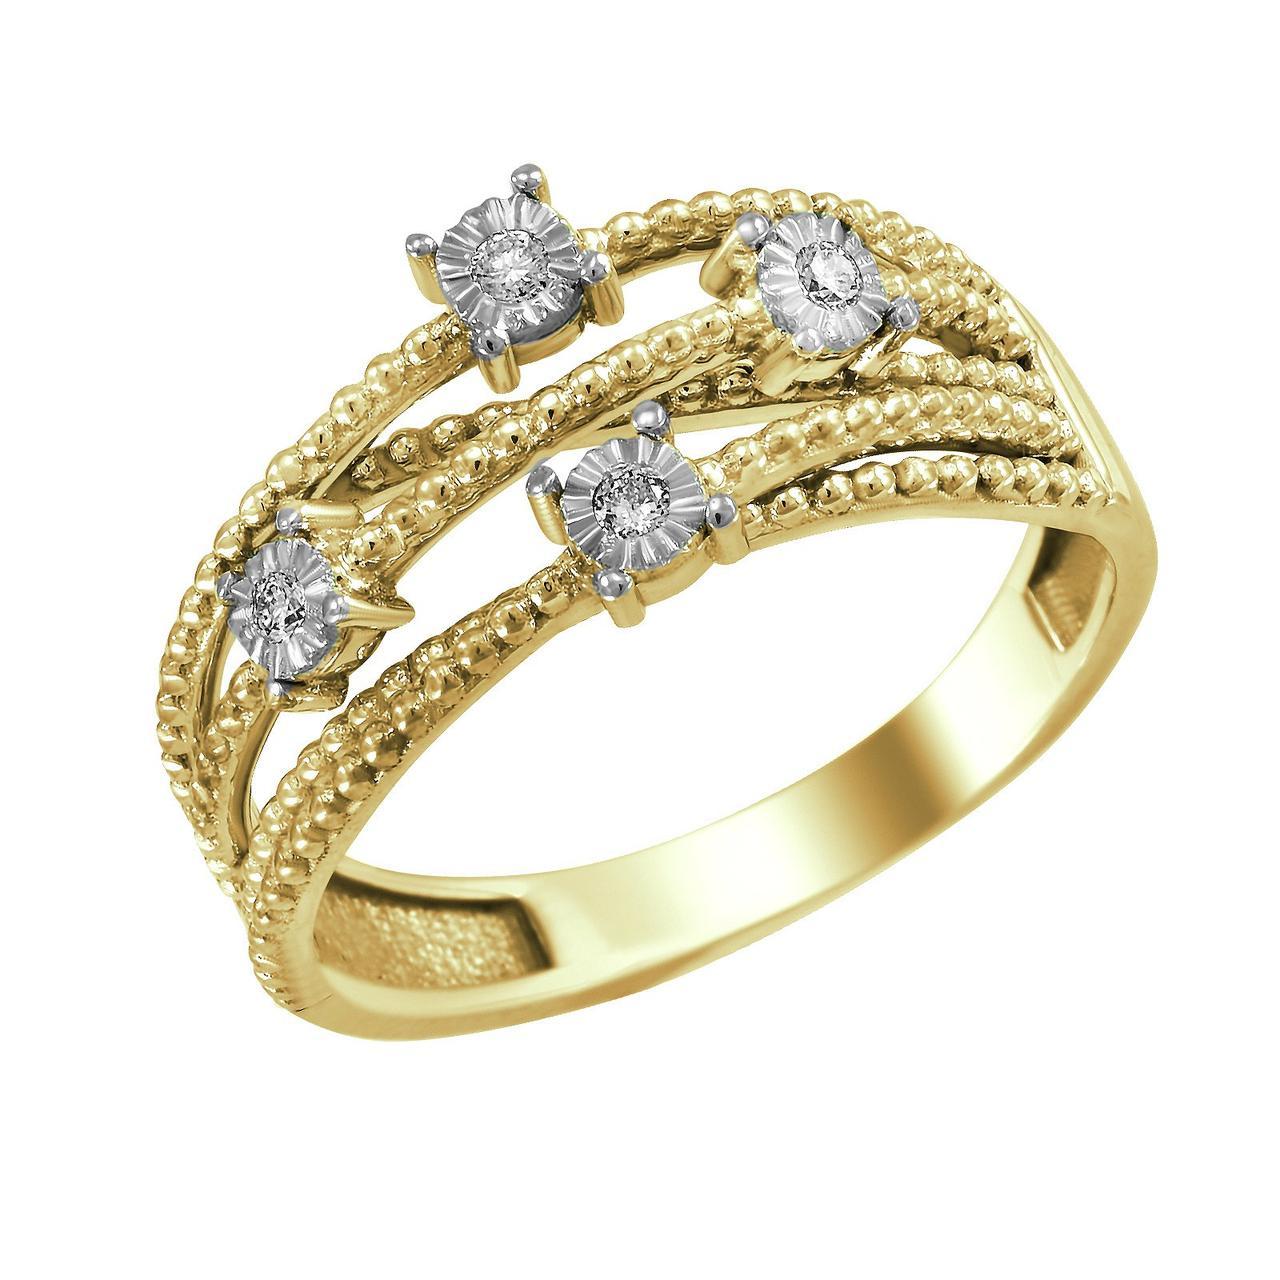 Золотое кольцо с бриллиантами, размер 19 (1680415)